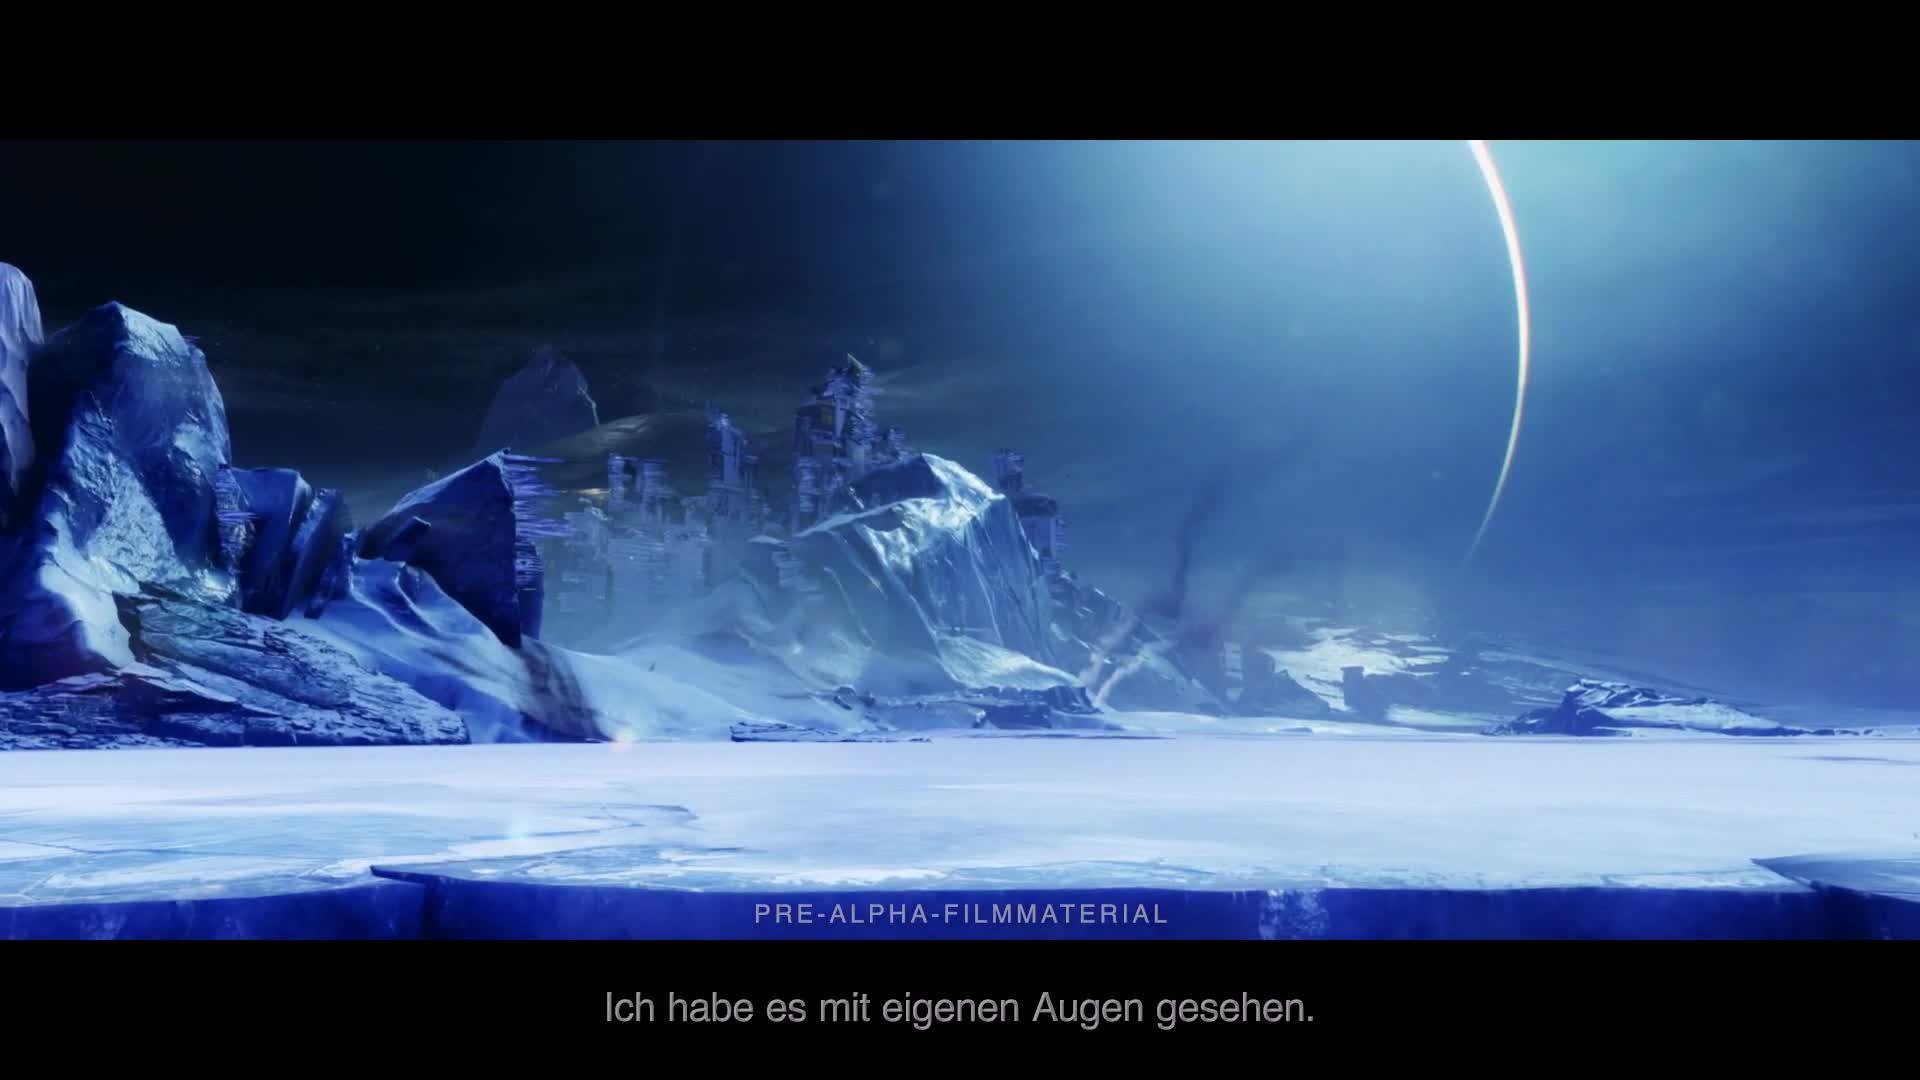 Trailer, Ego-Shooter, Online-Spiele, Activision, Dlc, Online-Shooter, Bungie, Destiny, Destiny 2, Destiny 2: Jenseits des Lichts, Jenseits des Lichts